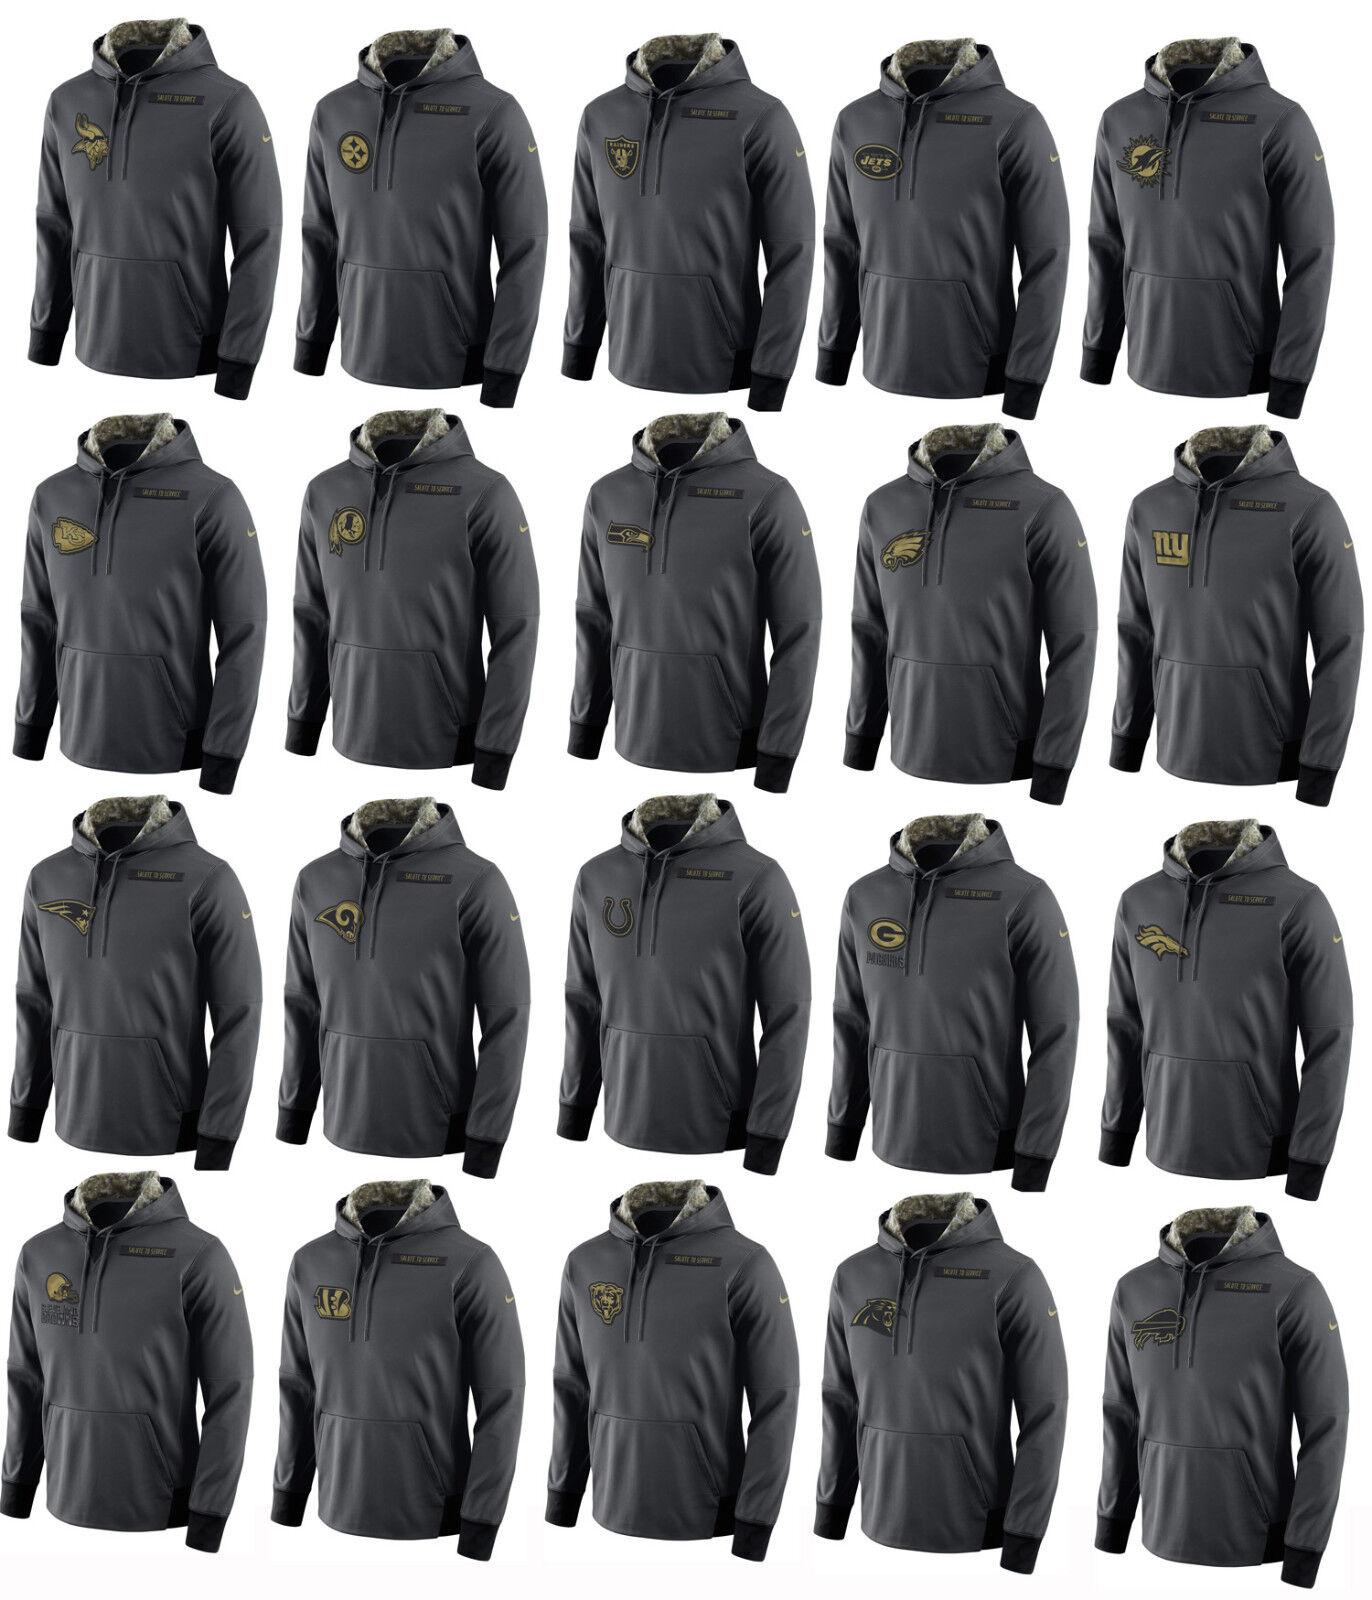 2016 Men's Salute to Service KO Pullover Hooded Sweatshirt Hoody Most Teams